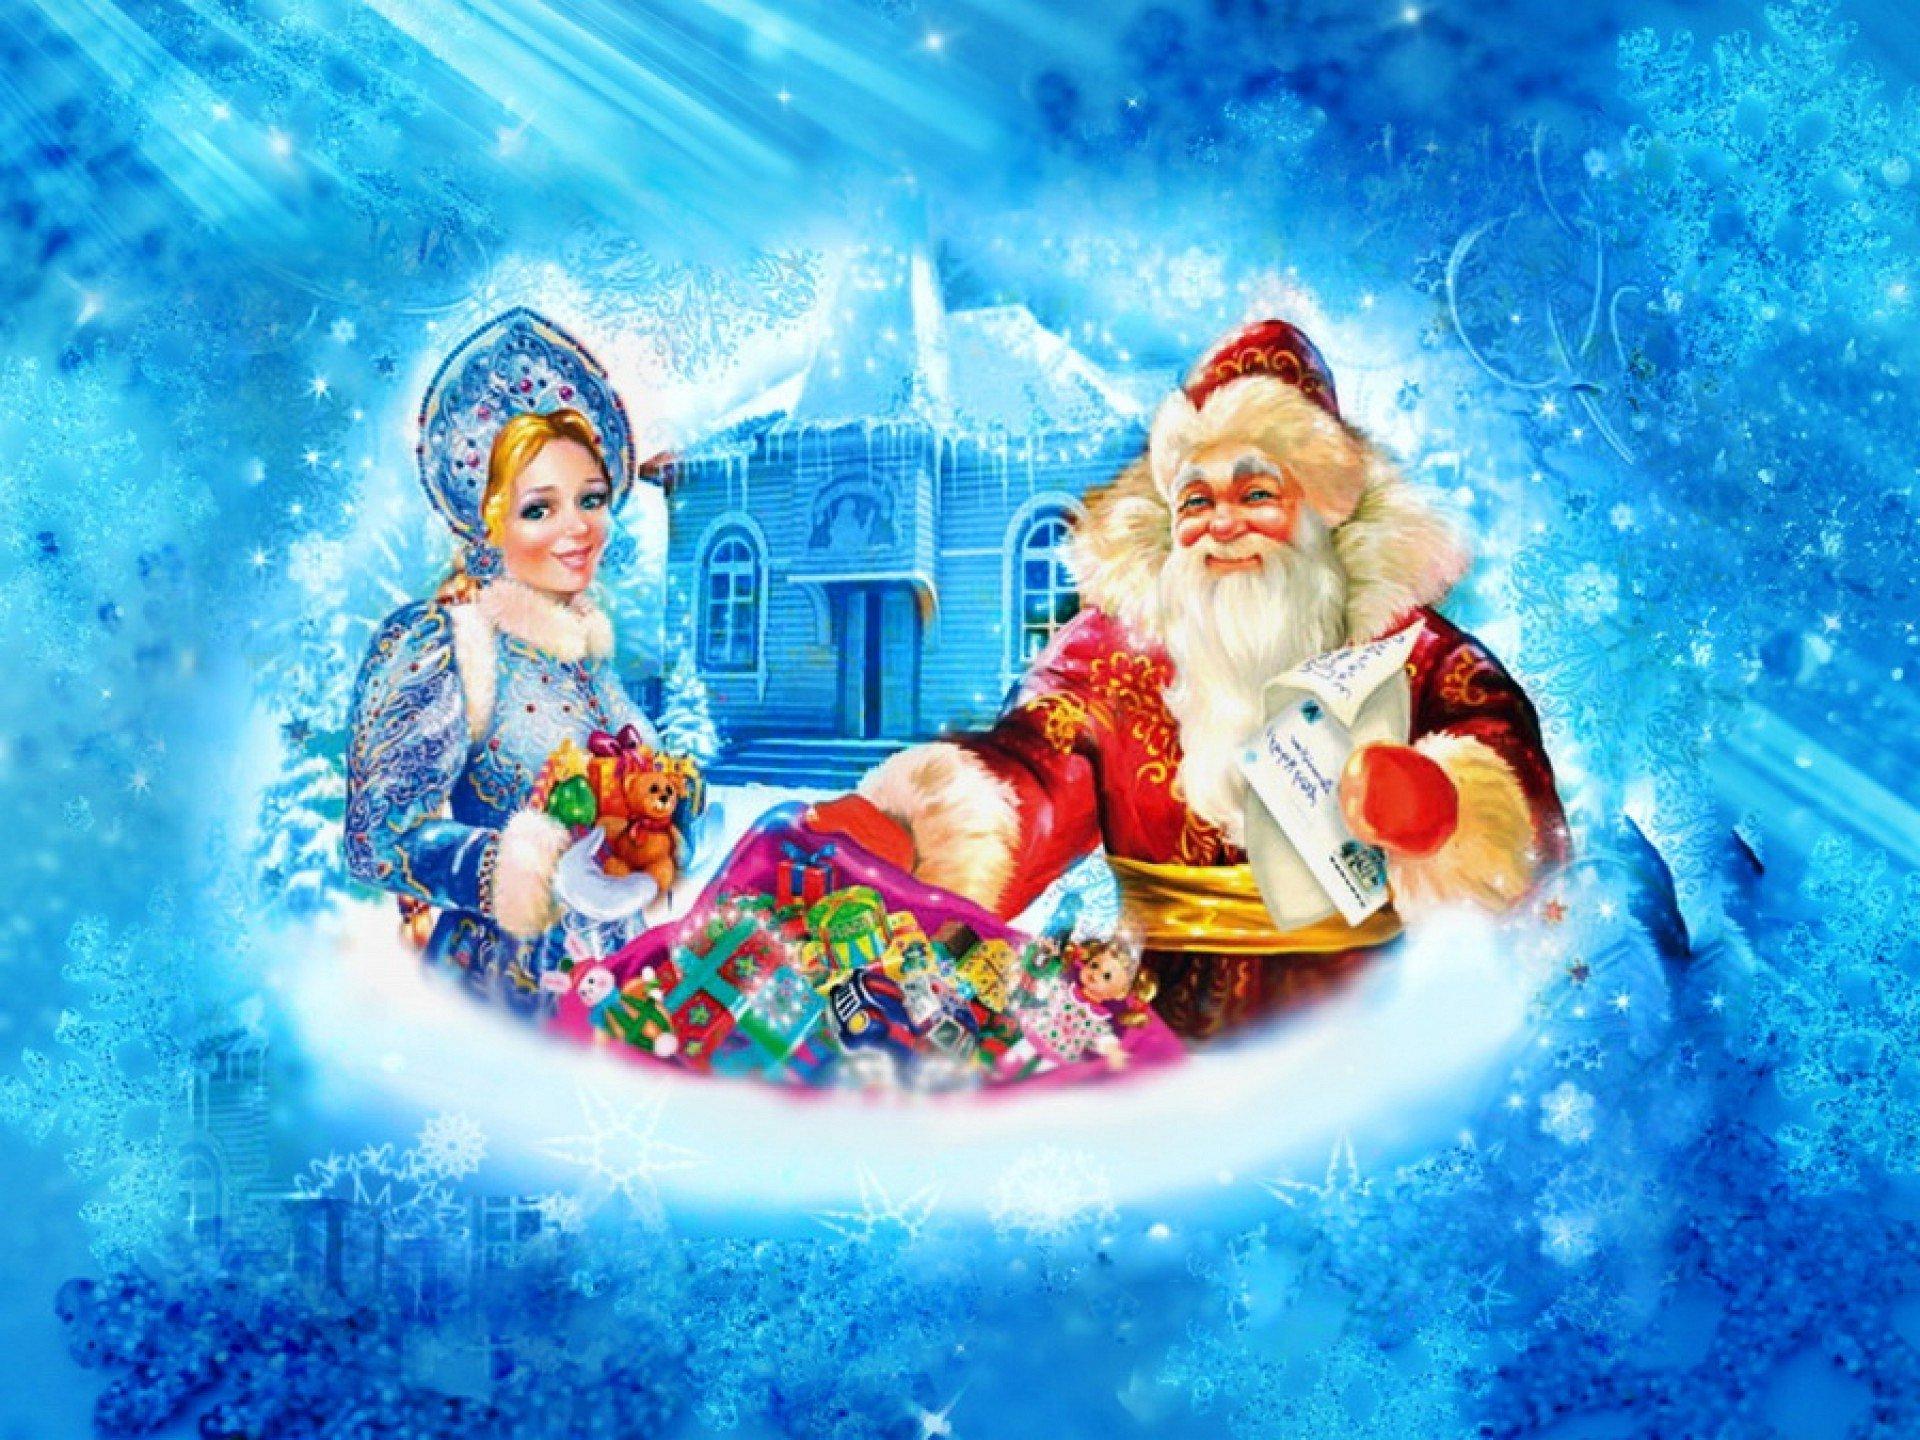 С новым годом дед мороз и снегурочка